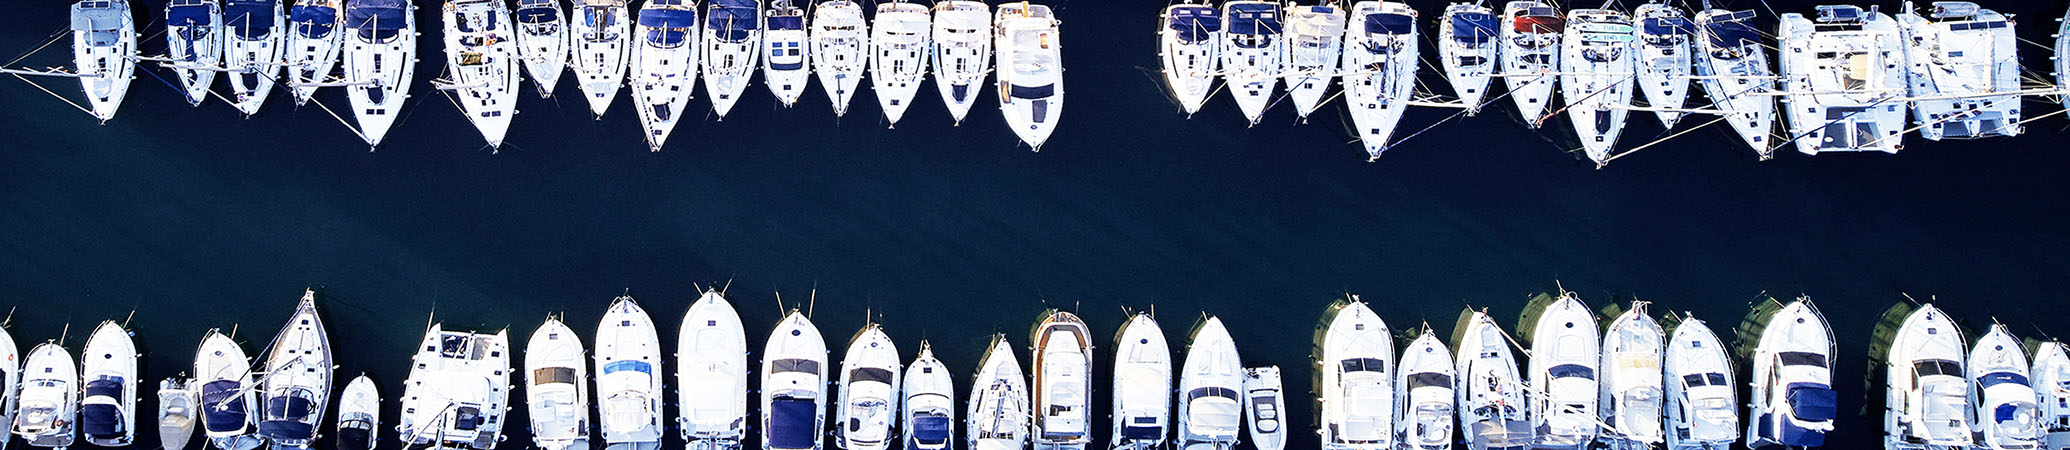 Bootruitspecialist productie en montage van bootruiten voor alle merken boten